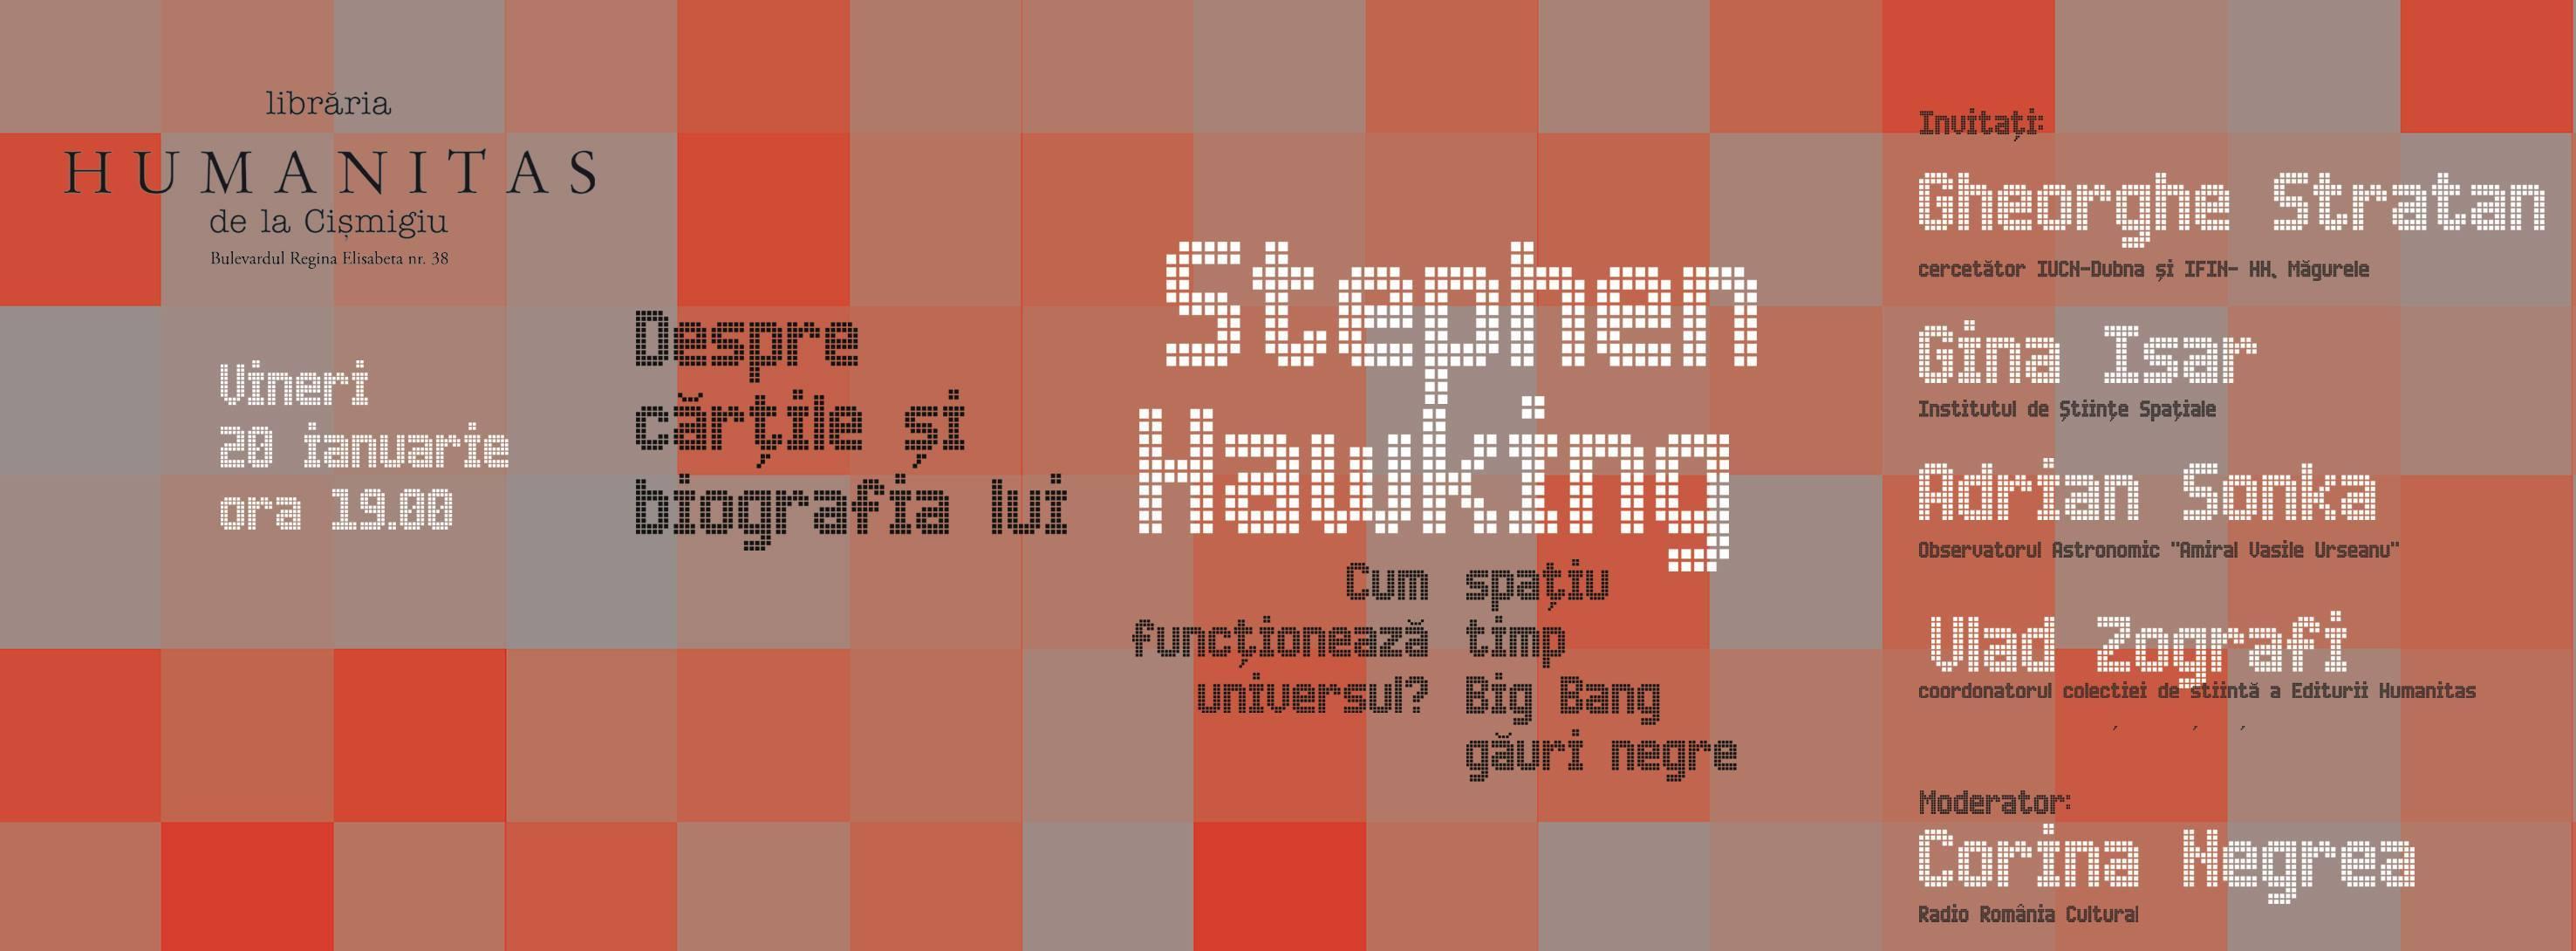 Cum funcționează universul? Dialog inspirat de Stephen Hawking